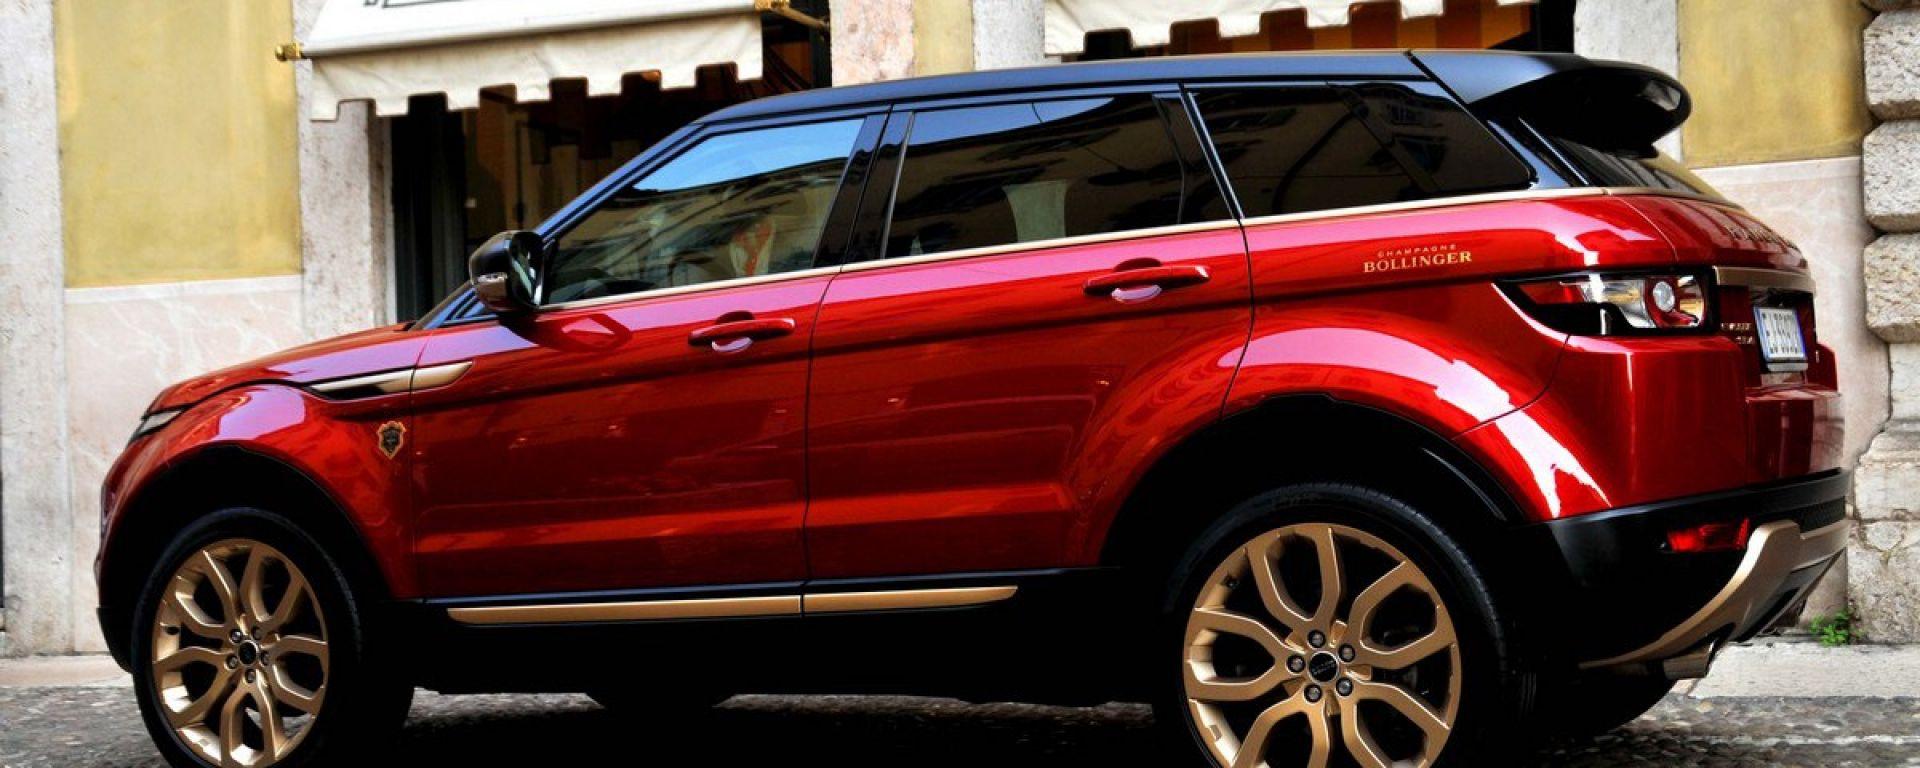 Honda Nord Sud >> Costume e società: Range Rover Evoque Bollinger Special ...